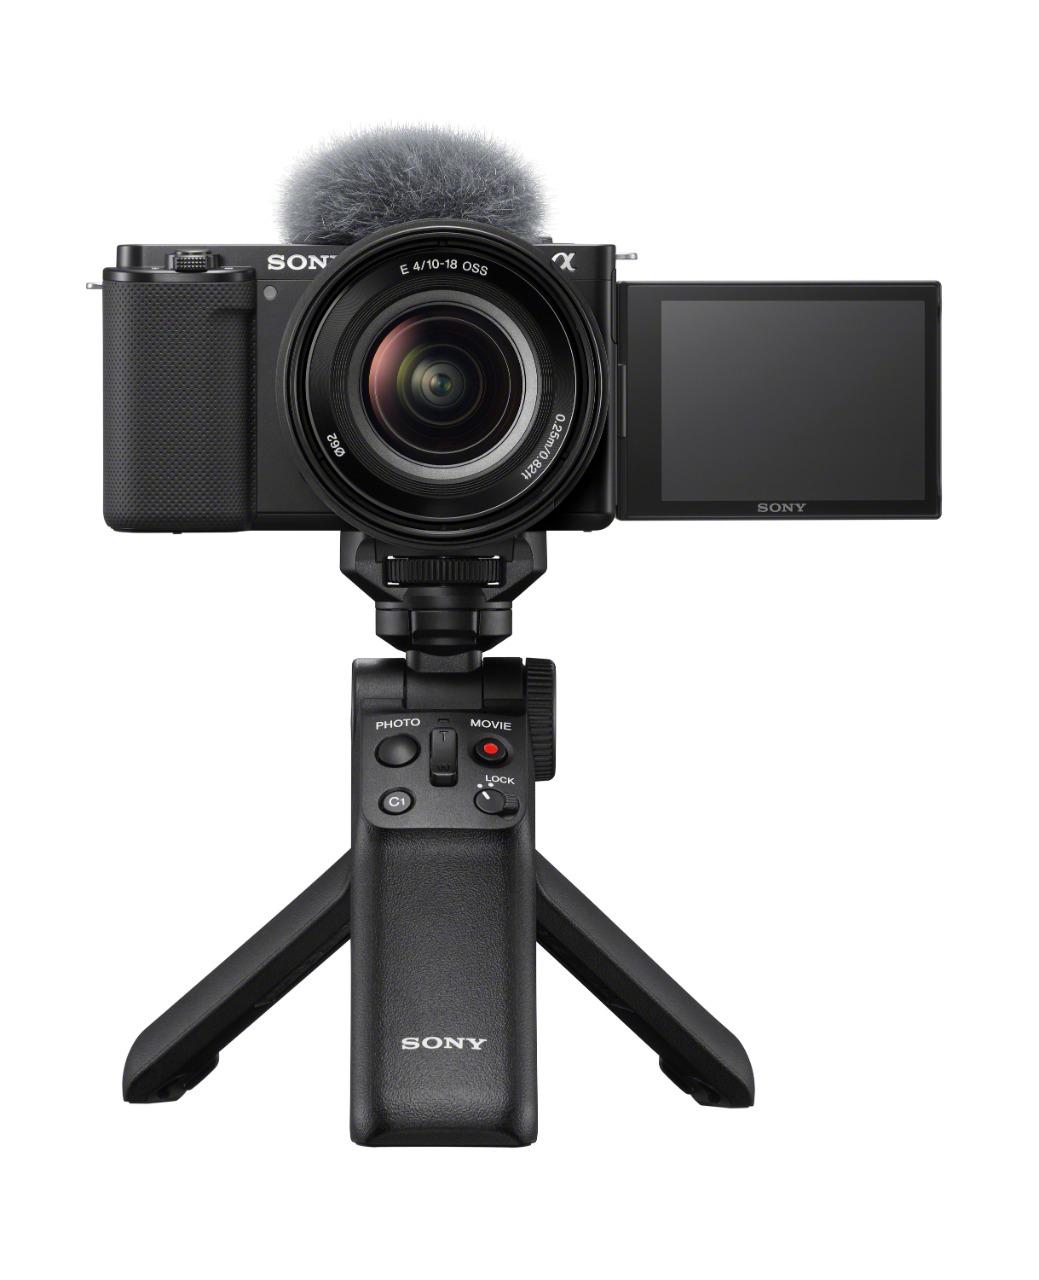 811DAF9B 7403 4A70 96D3 D82E9B4CF0B8 - سوني تطرح الكاميرا Alpha ZV-E10 الجديدة مع ميزة العدسة القابلة للتبديل من أجل صناع المحتوى